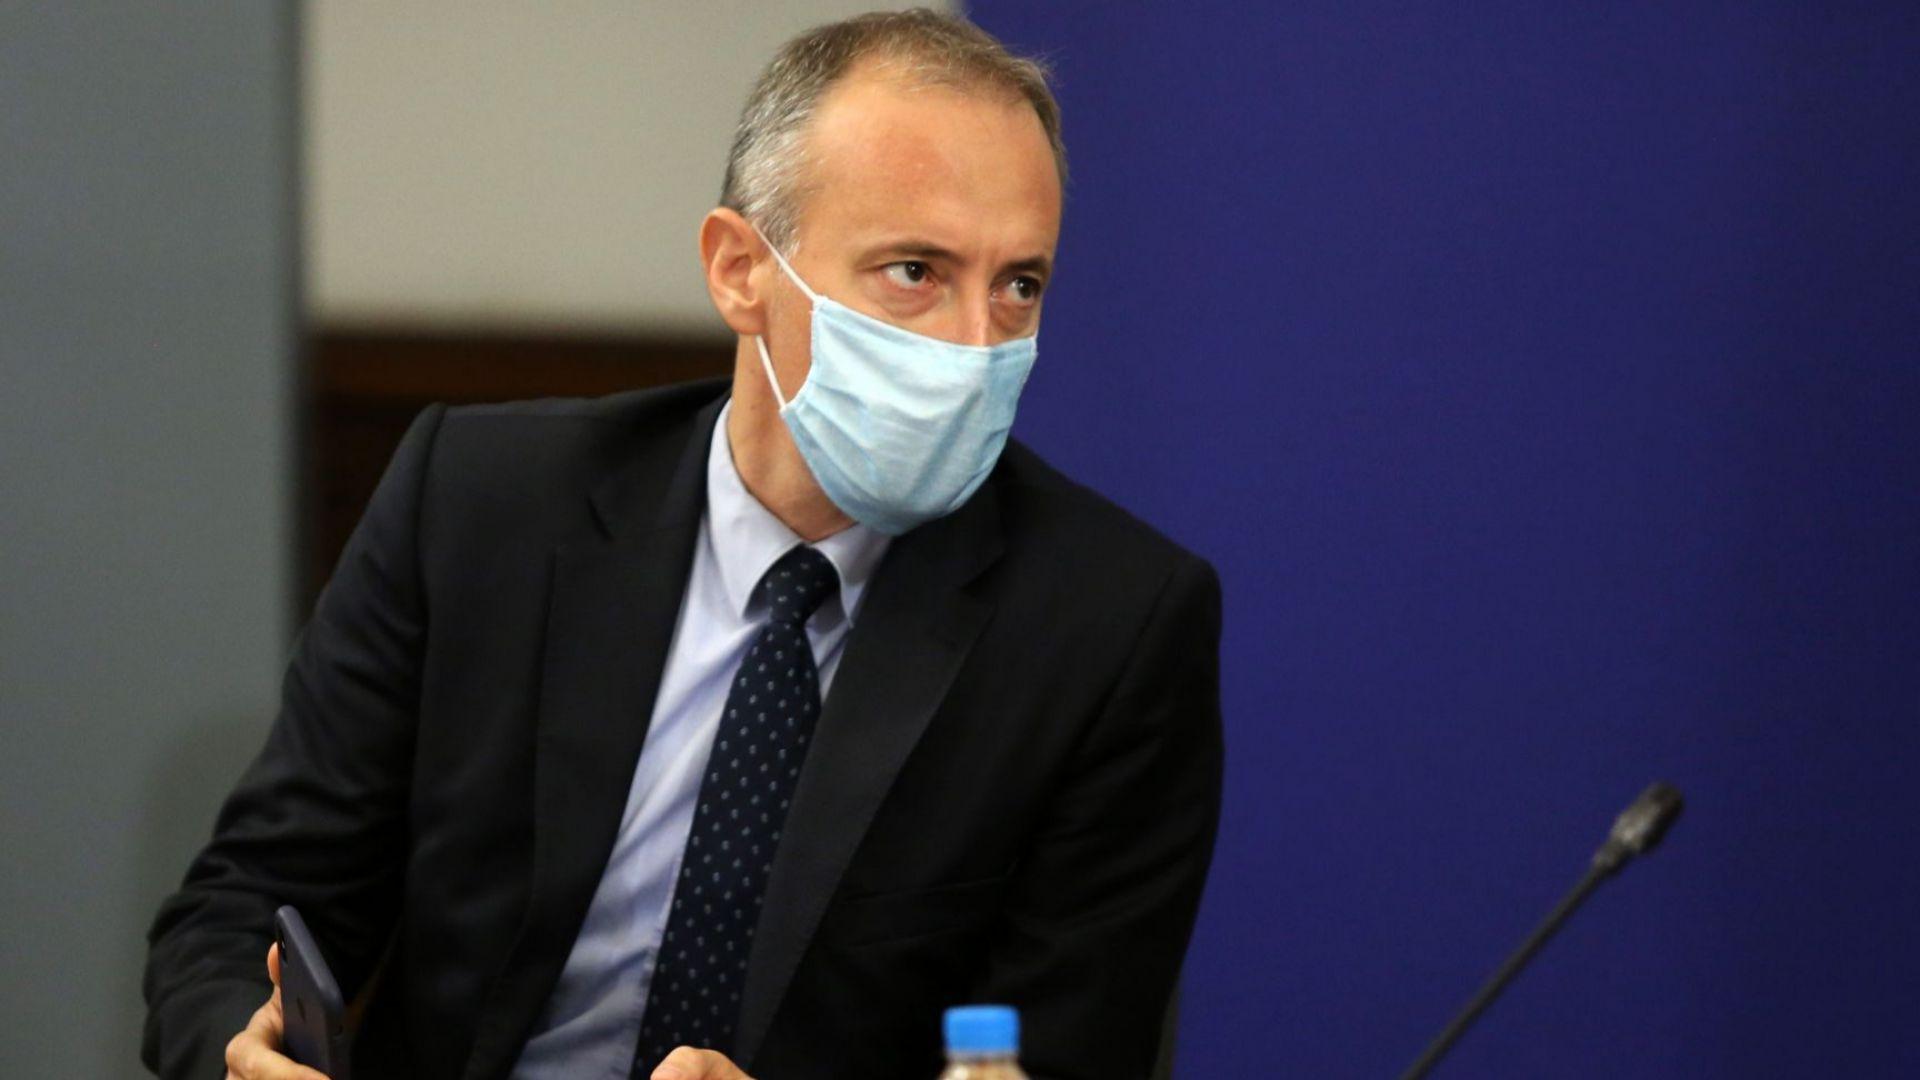 Училищата ще имат право да задължават децата да носят маски в клас